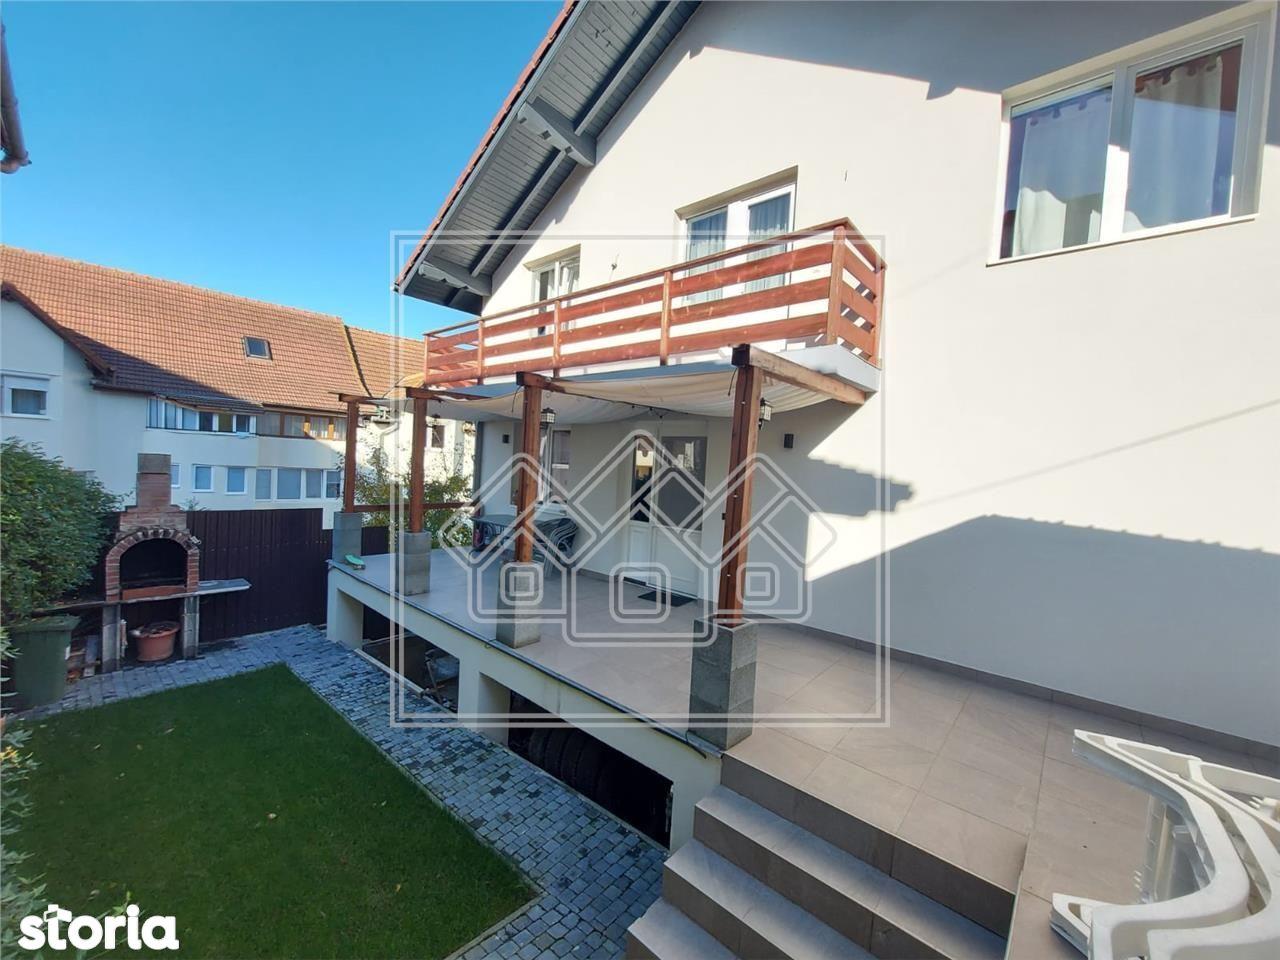 Casa individuala 7 camere in Strand deschidere la 2 strazi garaj